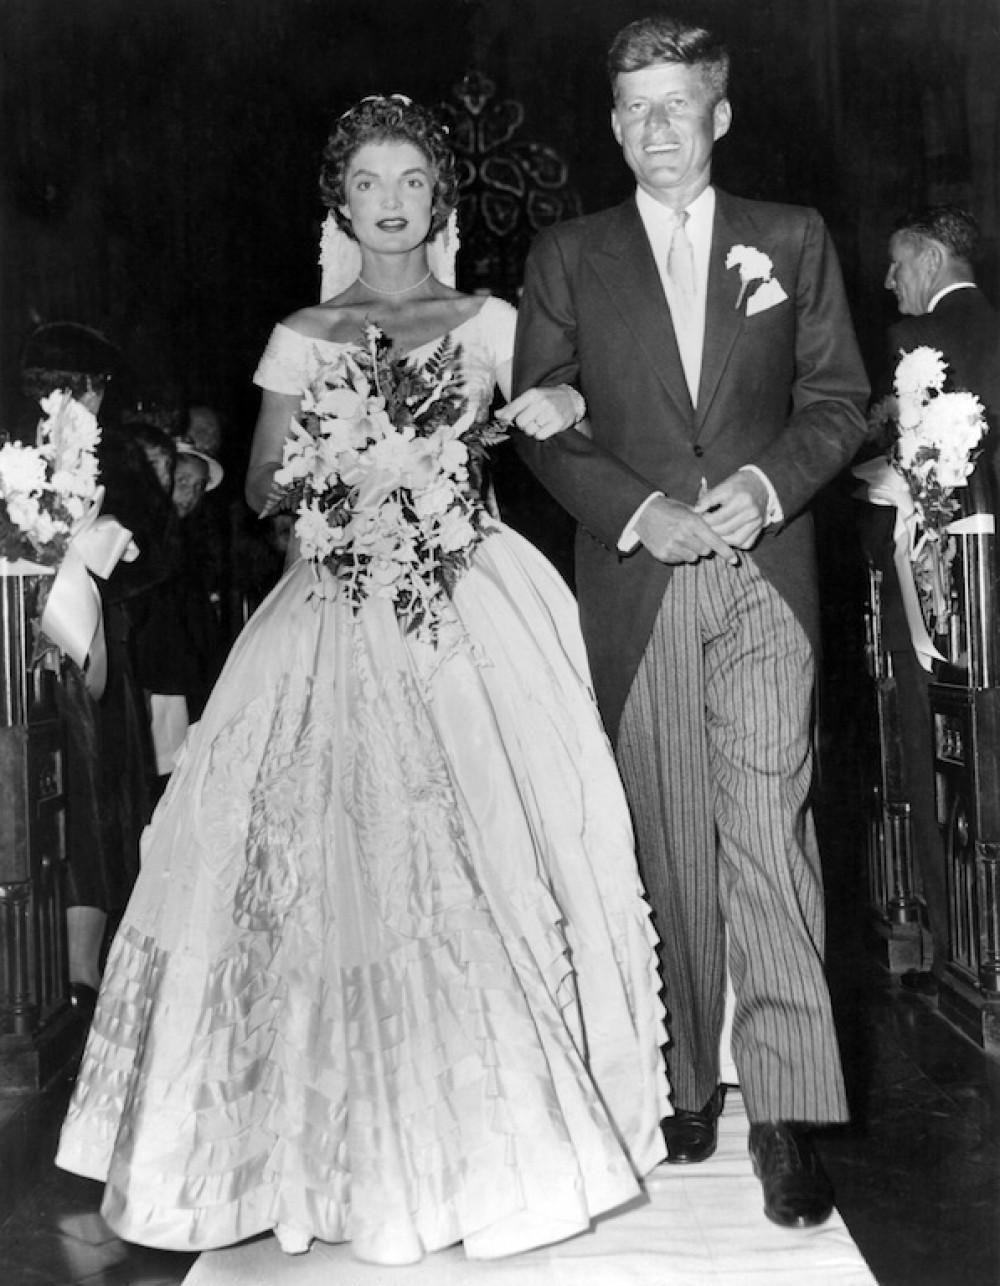 Carolyn kennedy bessette wedding dress  De meest memorabele bruidsjurken  Jack and Jackie  Pinterest